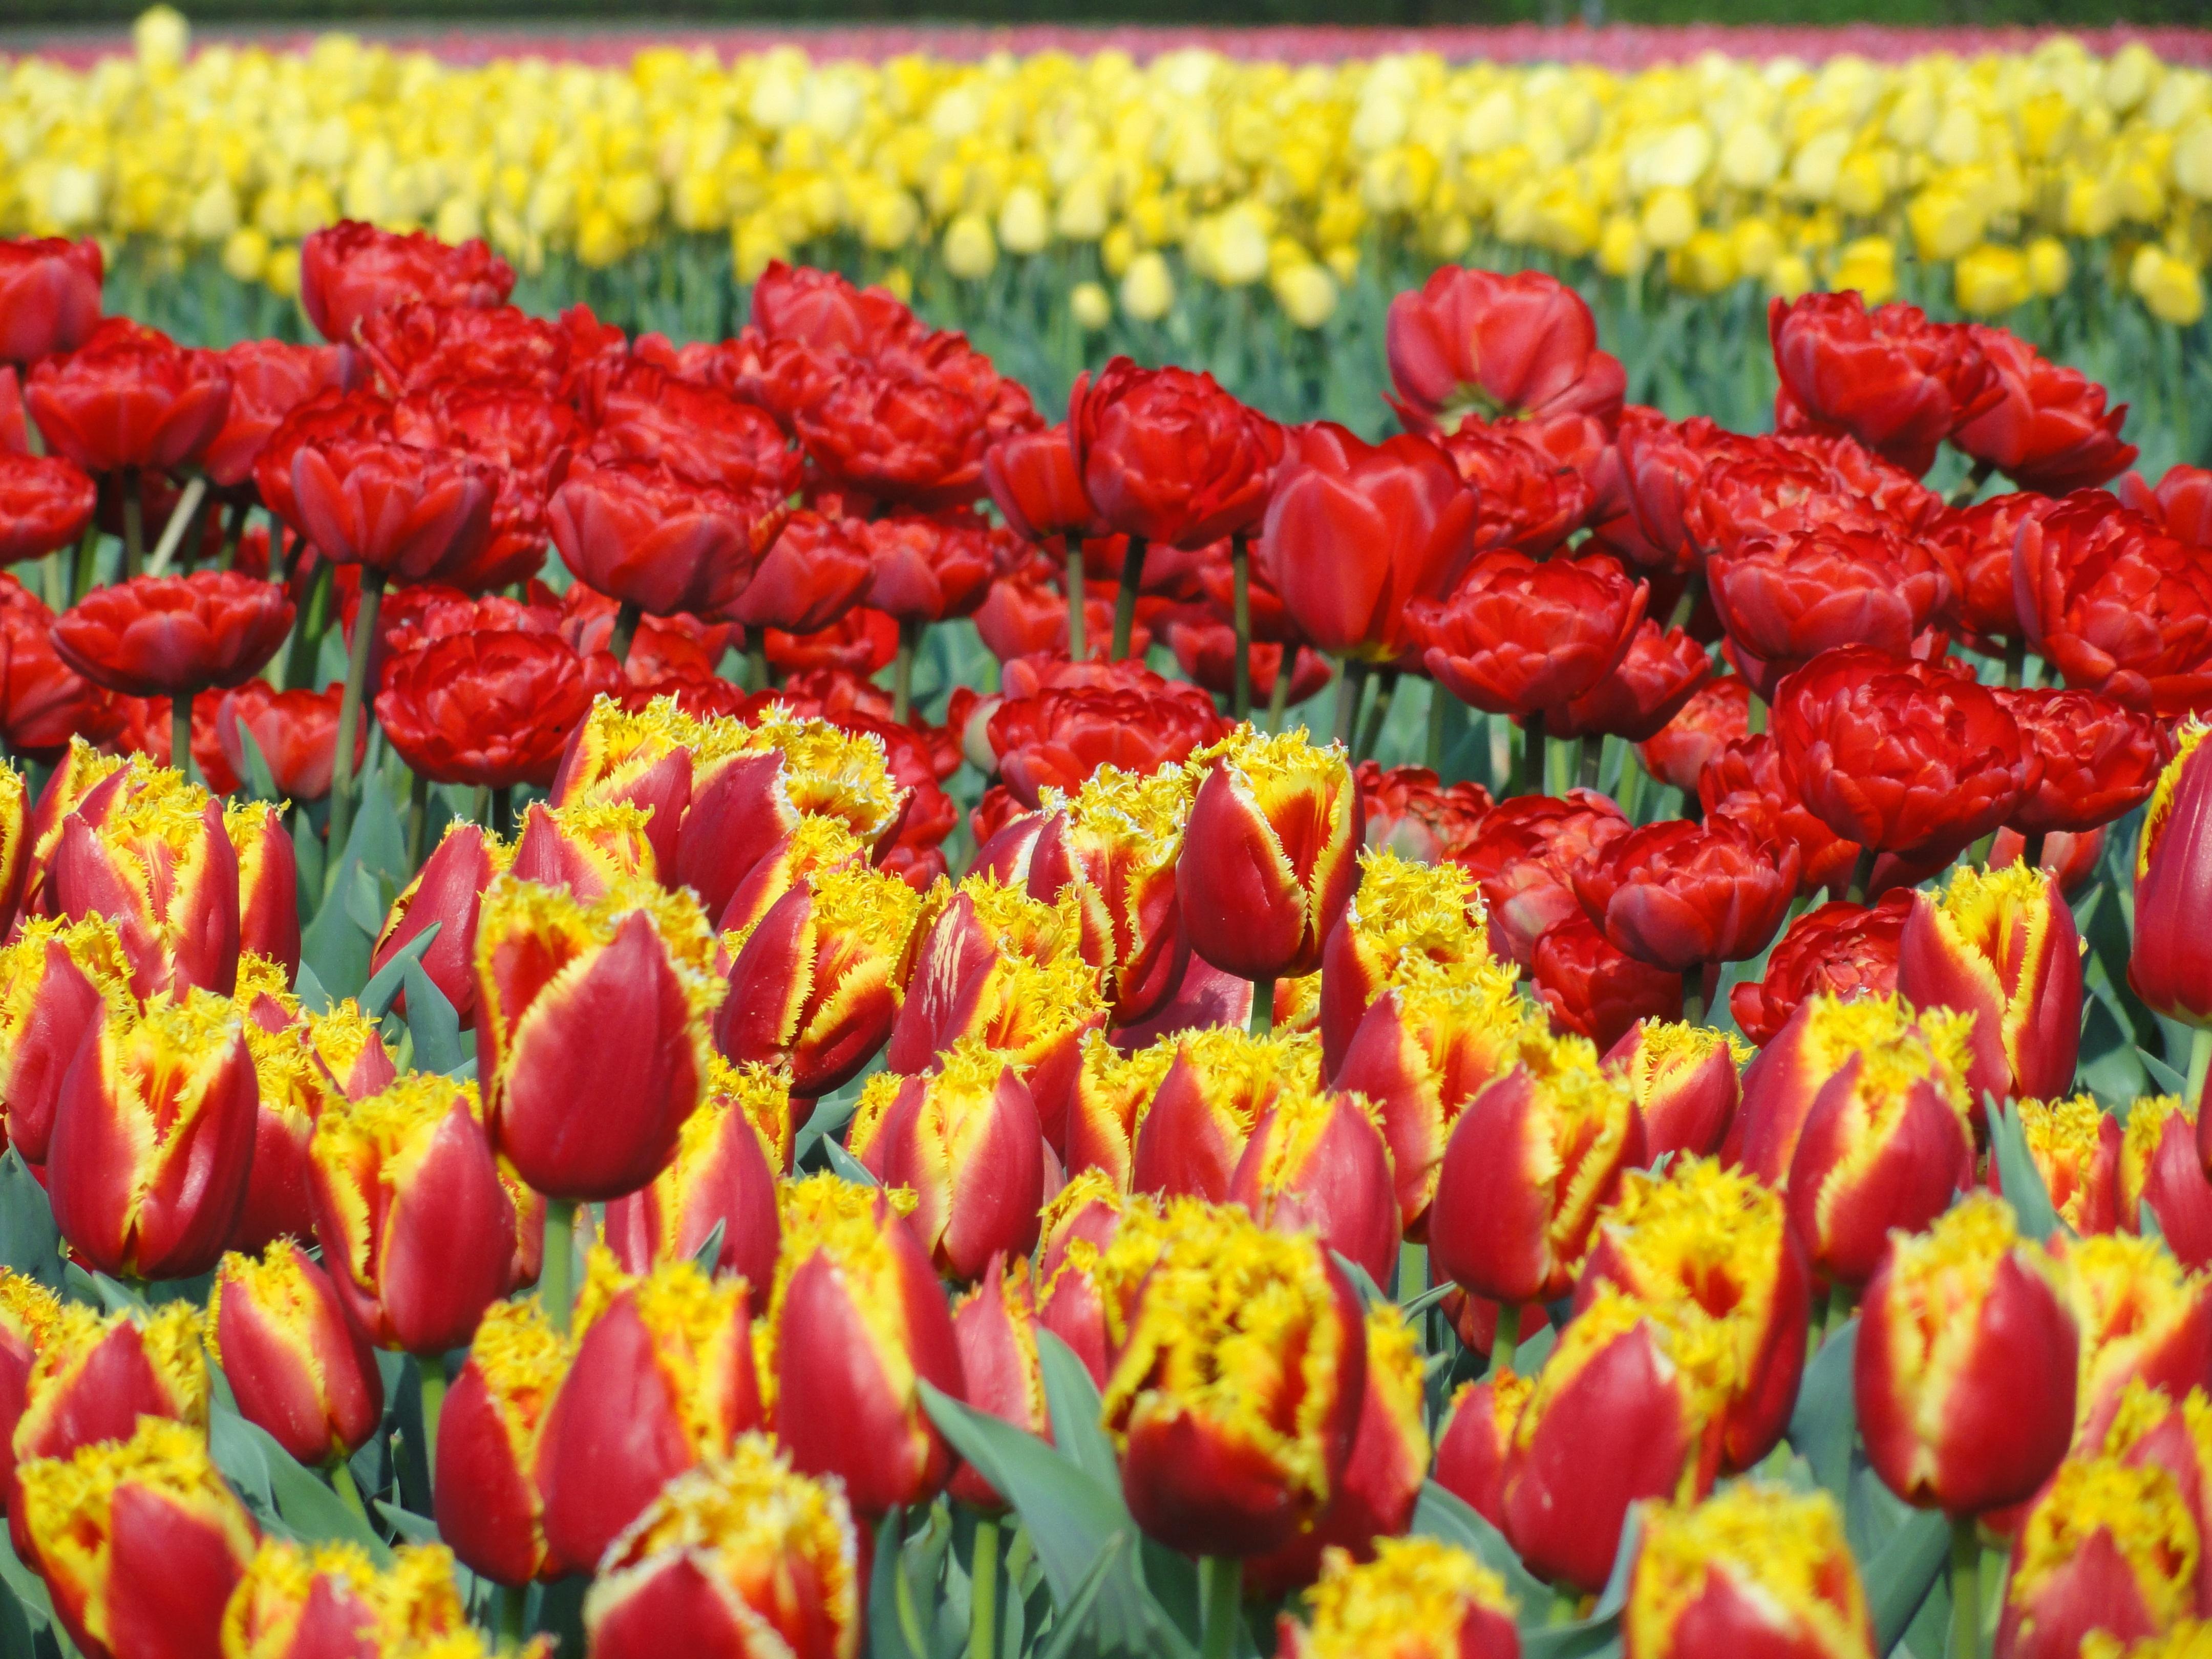 7c38ec1cfd3a planta campo flor florecer floral tulipán primavera rojo vistoso amarillo  Plantas Flores Bombillas Flores Tulipanes planta